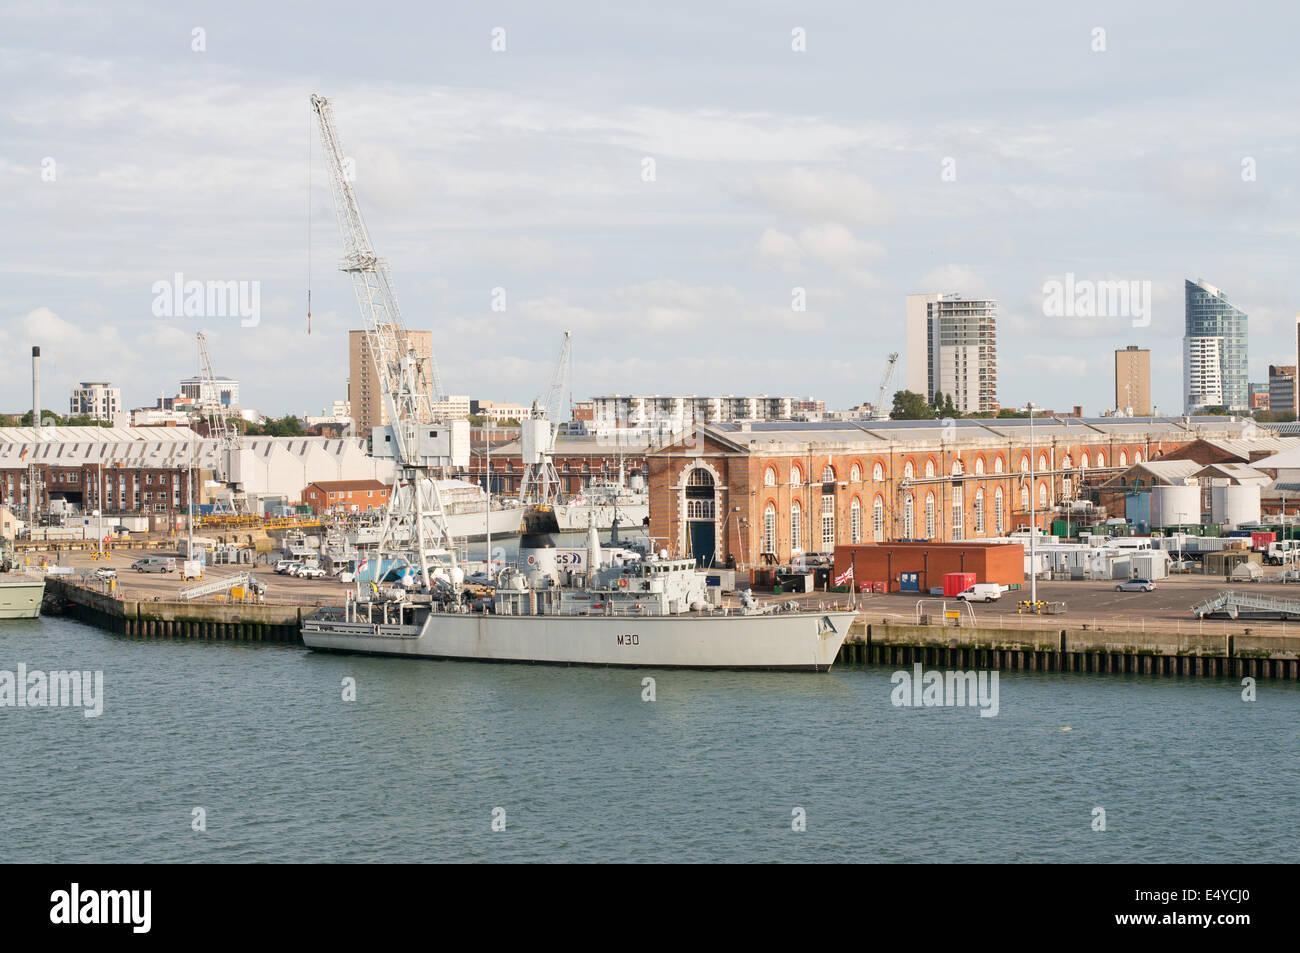 Mine countermeasures vessel HMS Ledbury at Portsmouth dockyard, Hampshire, England, UK - Stock Image